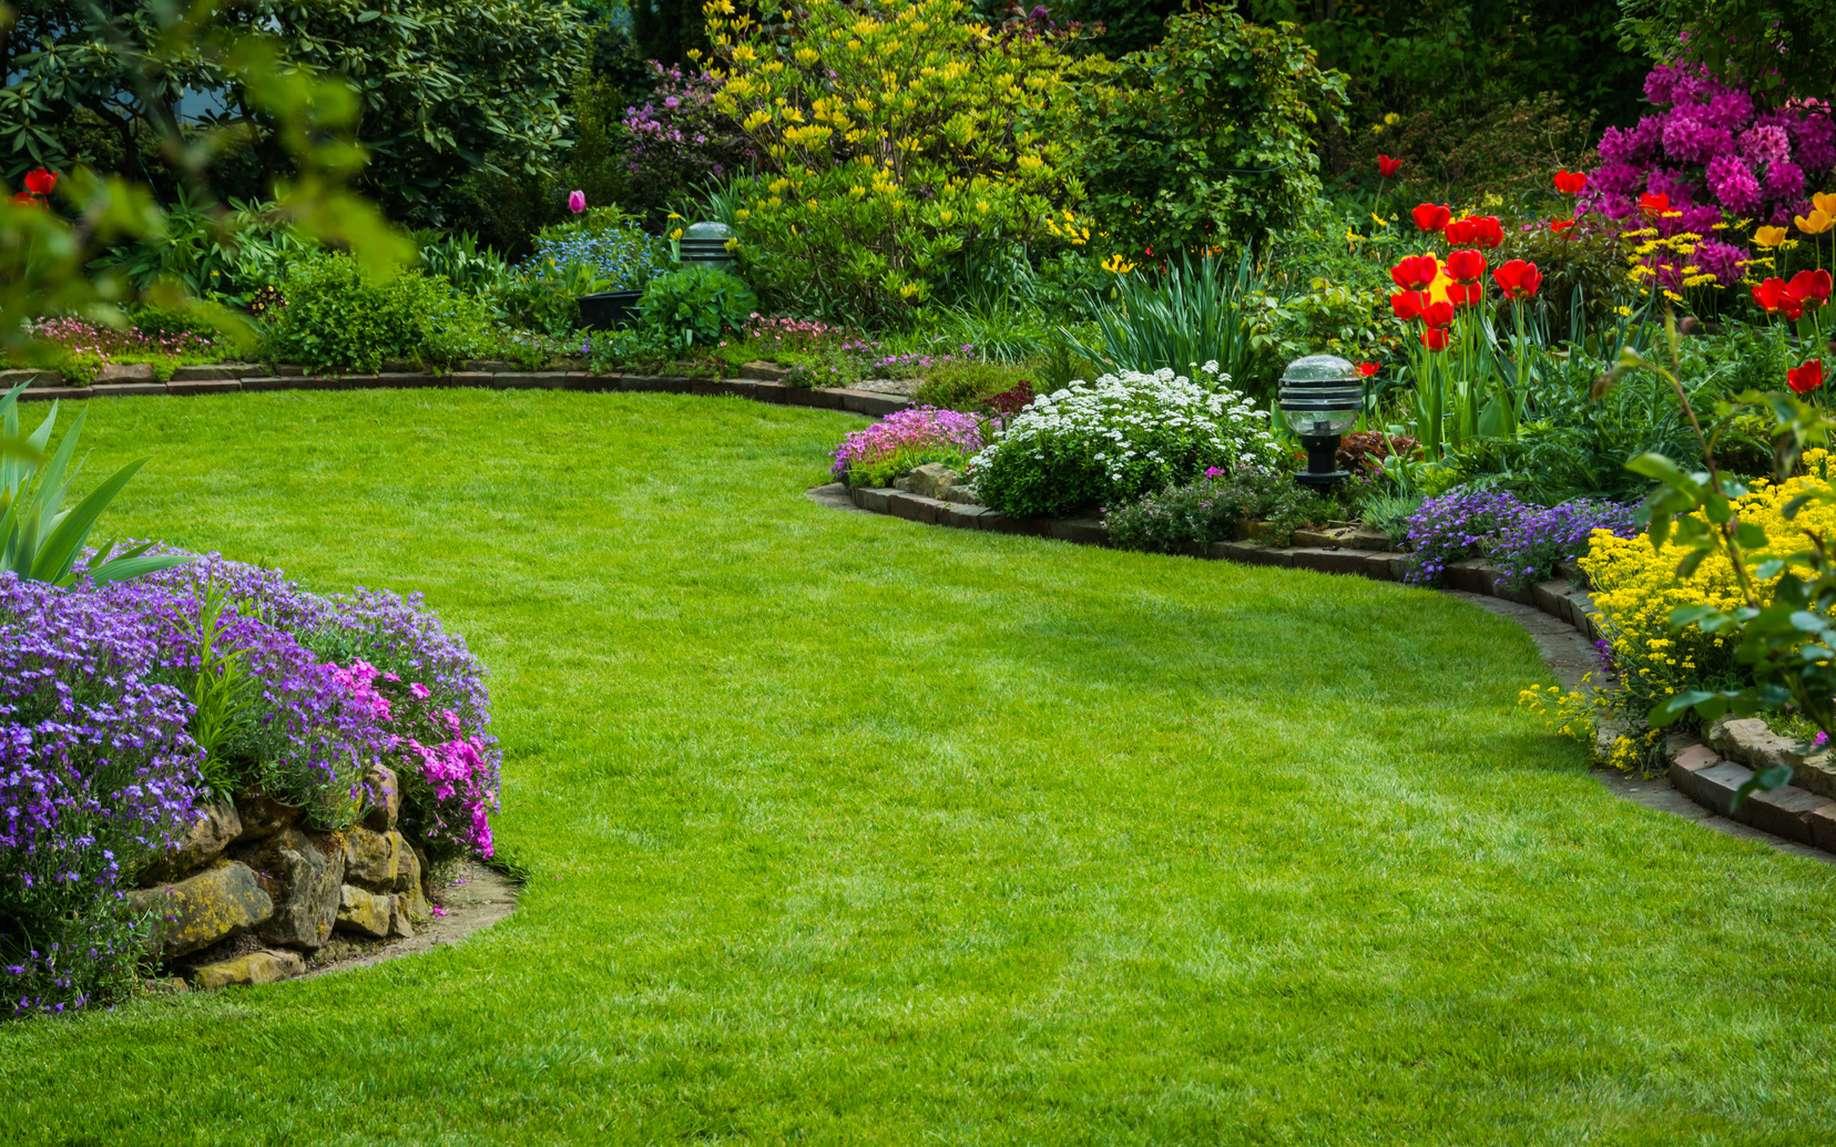 Comment éviter à votre pelouse de jaunir ? © Andrea, fotolia